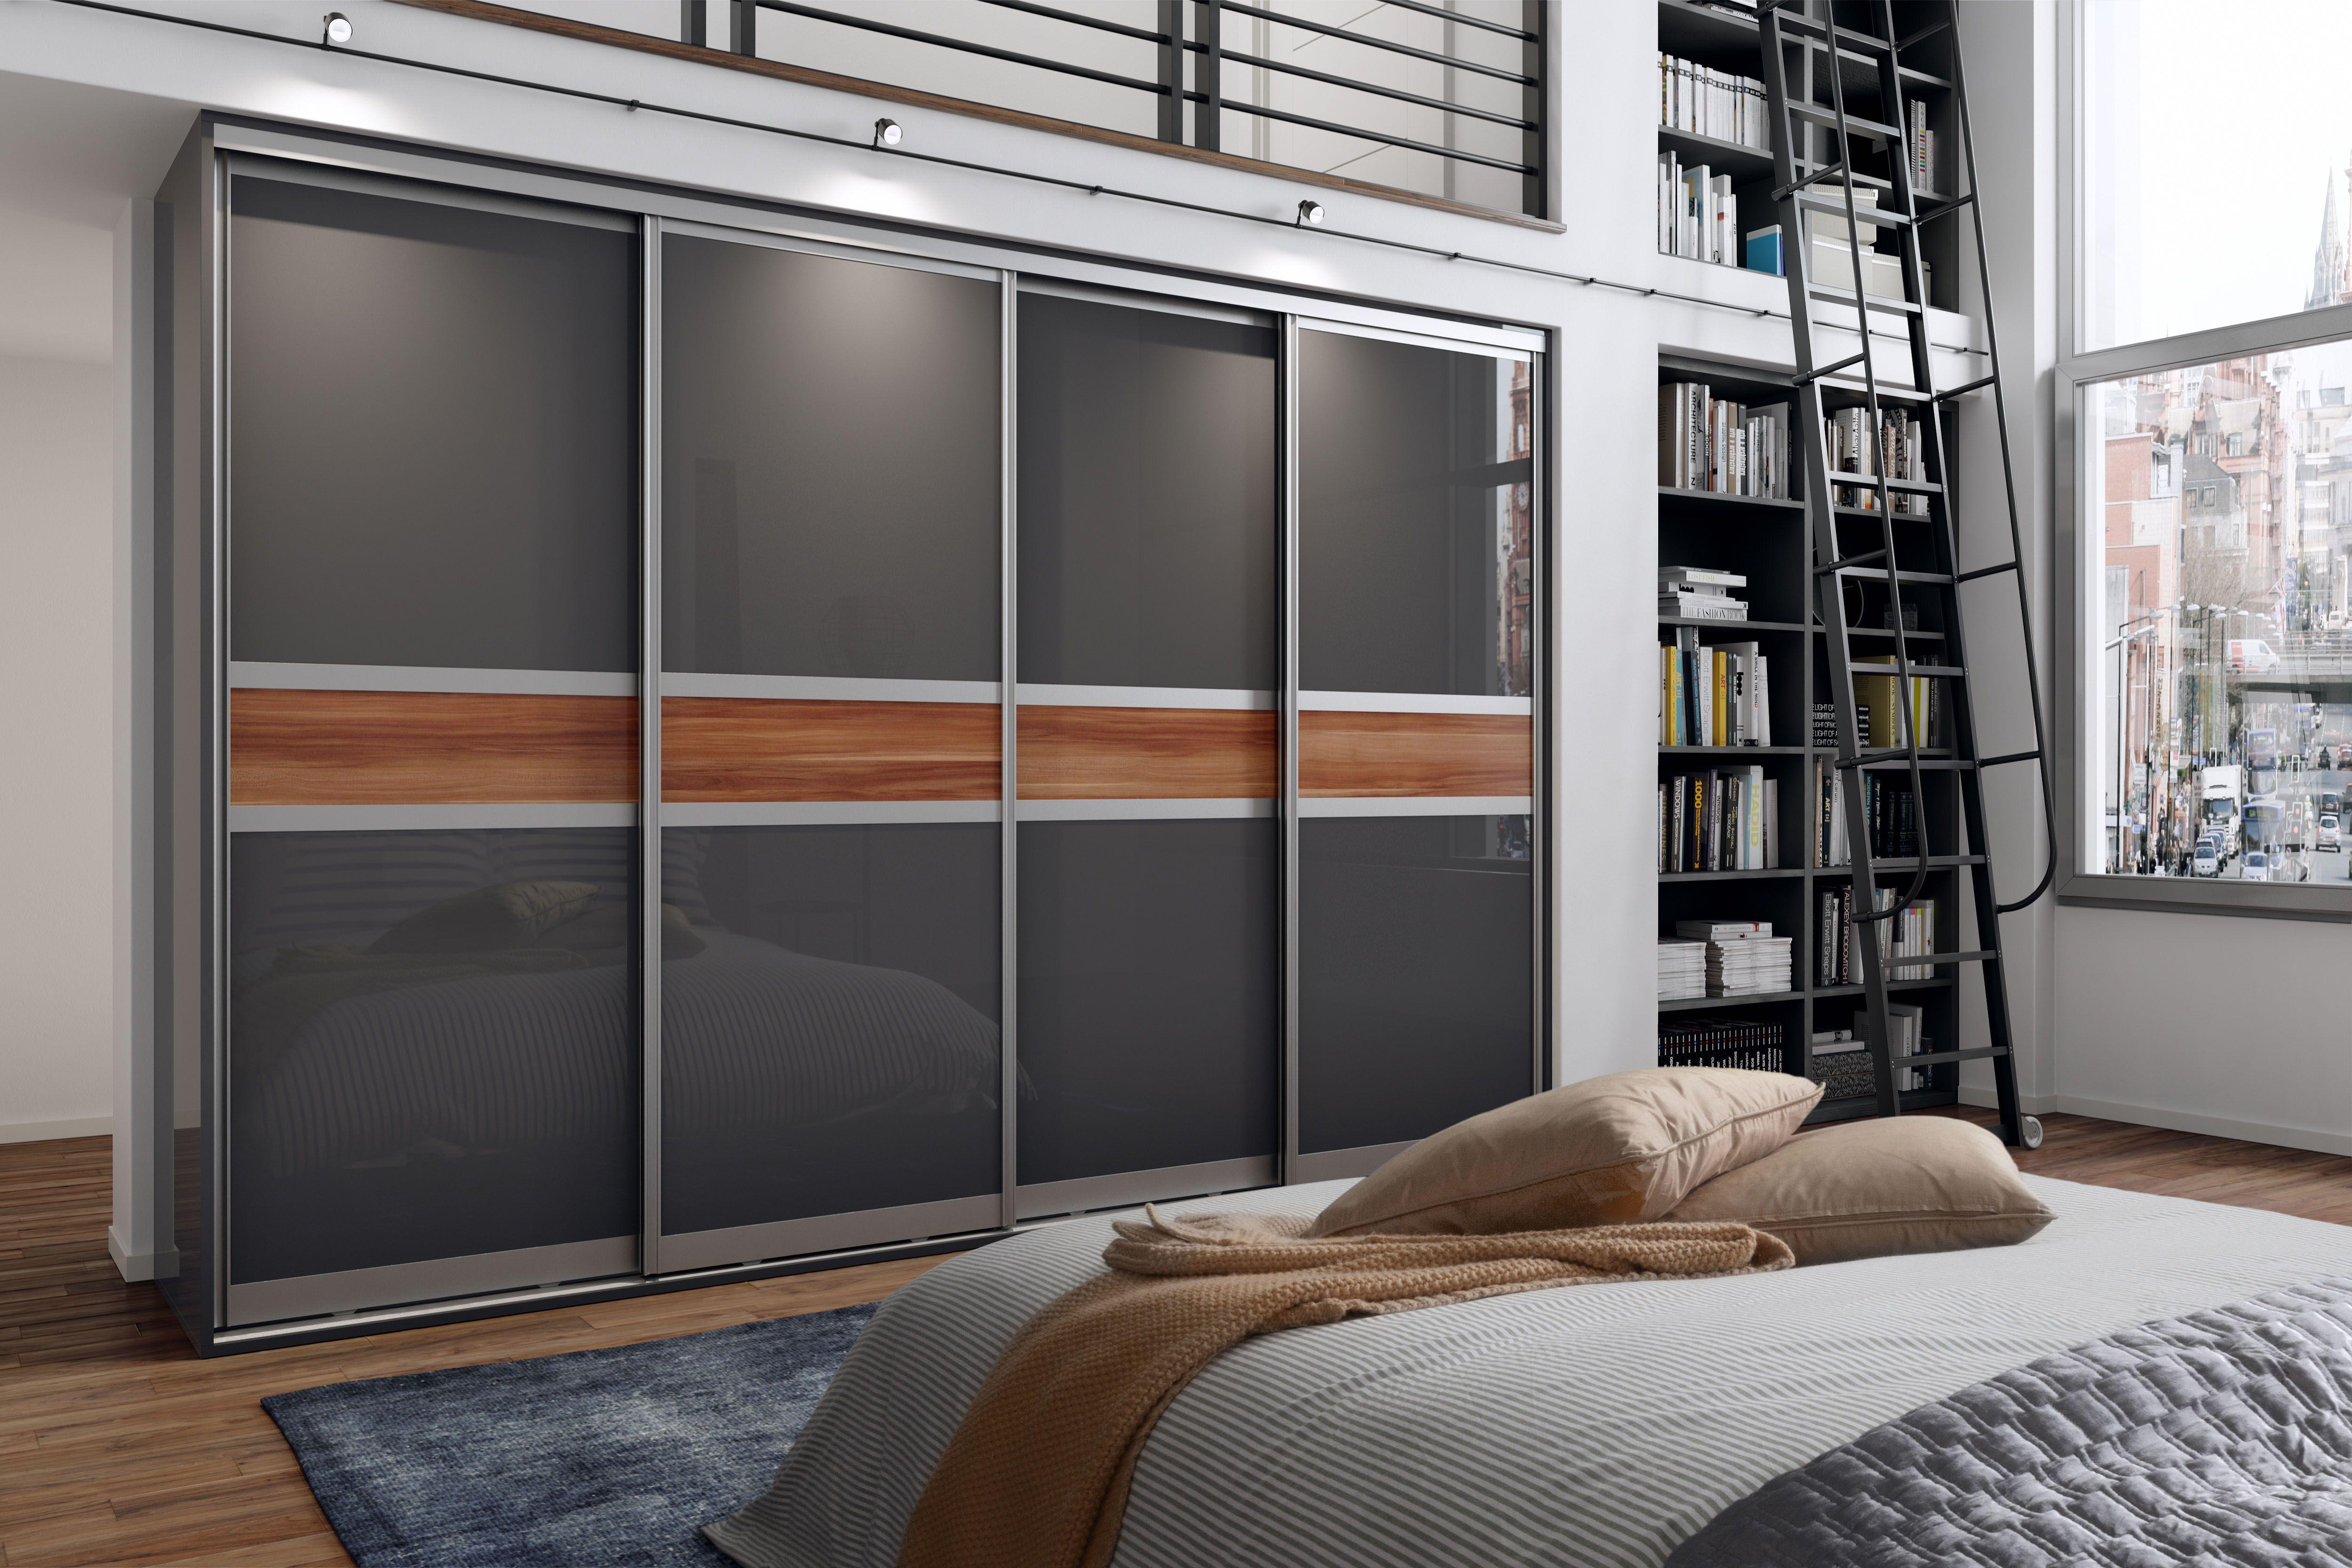 Modern Glide sliding doors for effective bedroom storage